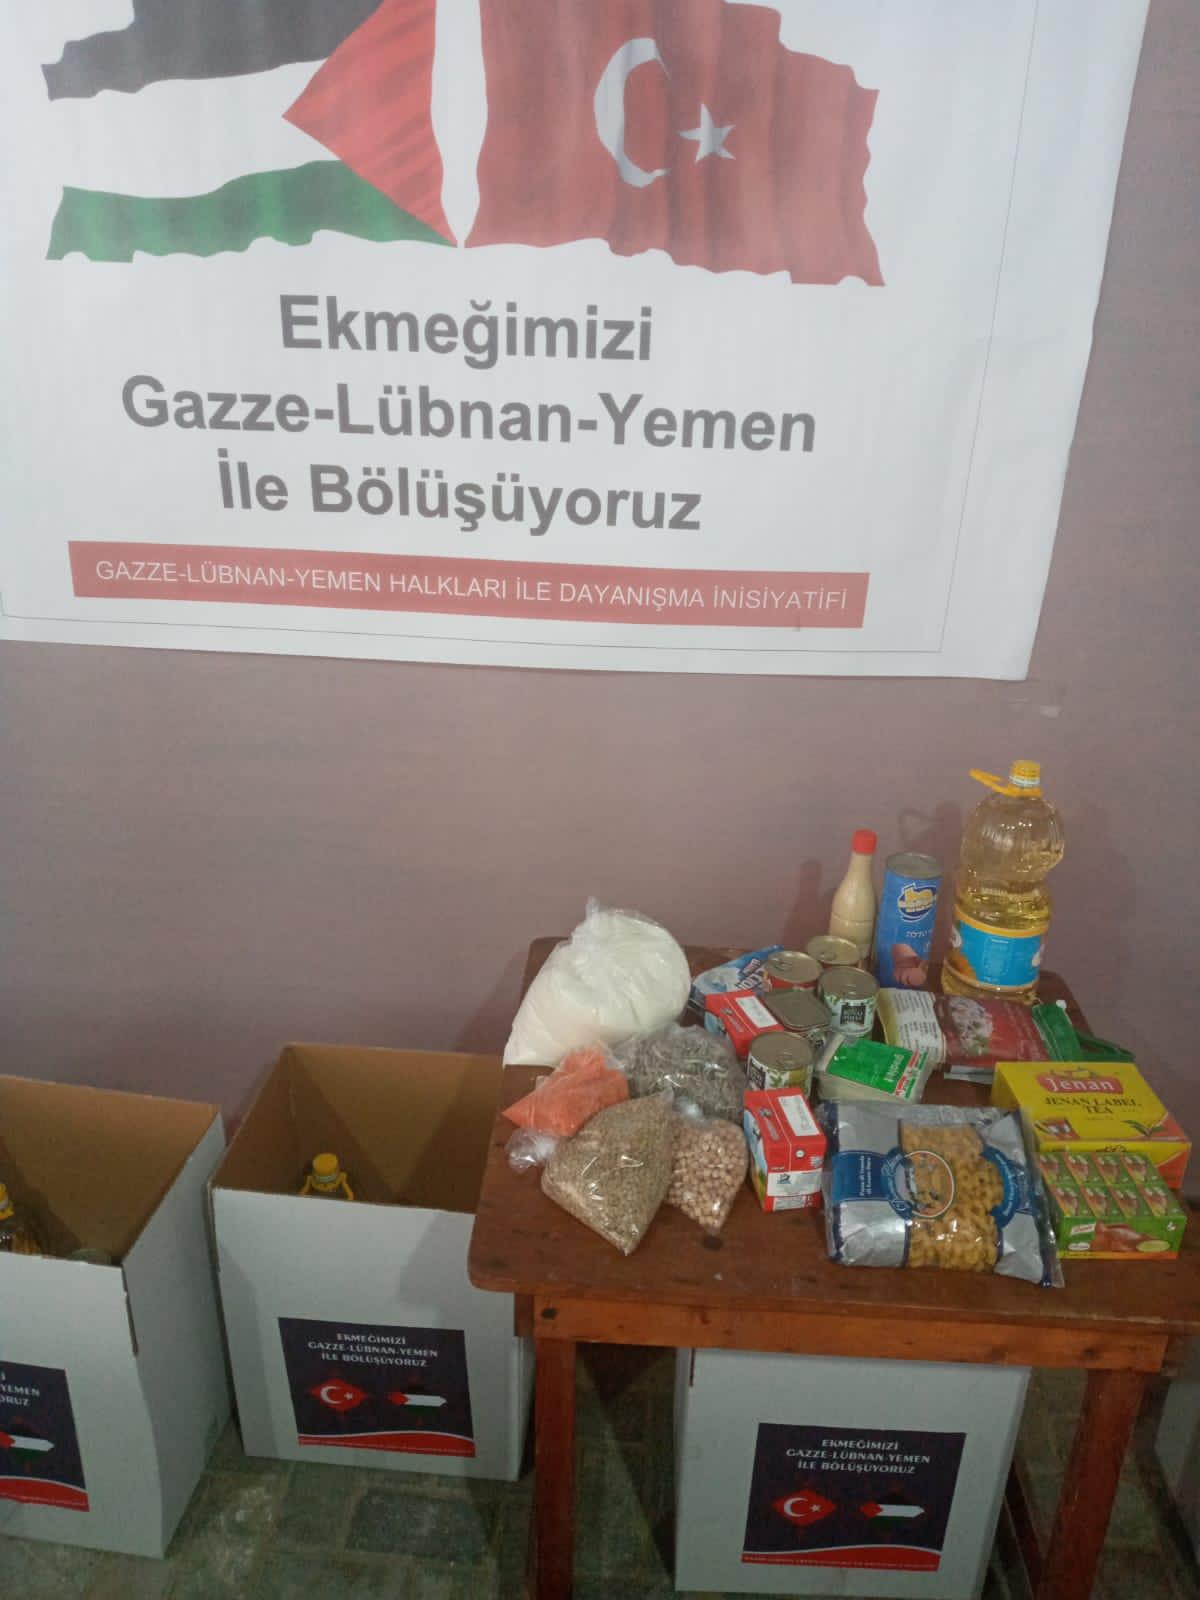 Gazze İçin Acil Yardım Seferberliği Çağrısı: Kumanya Bedeli 200 TL